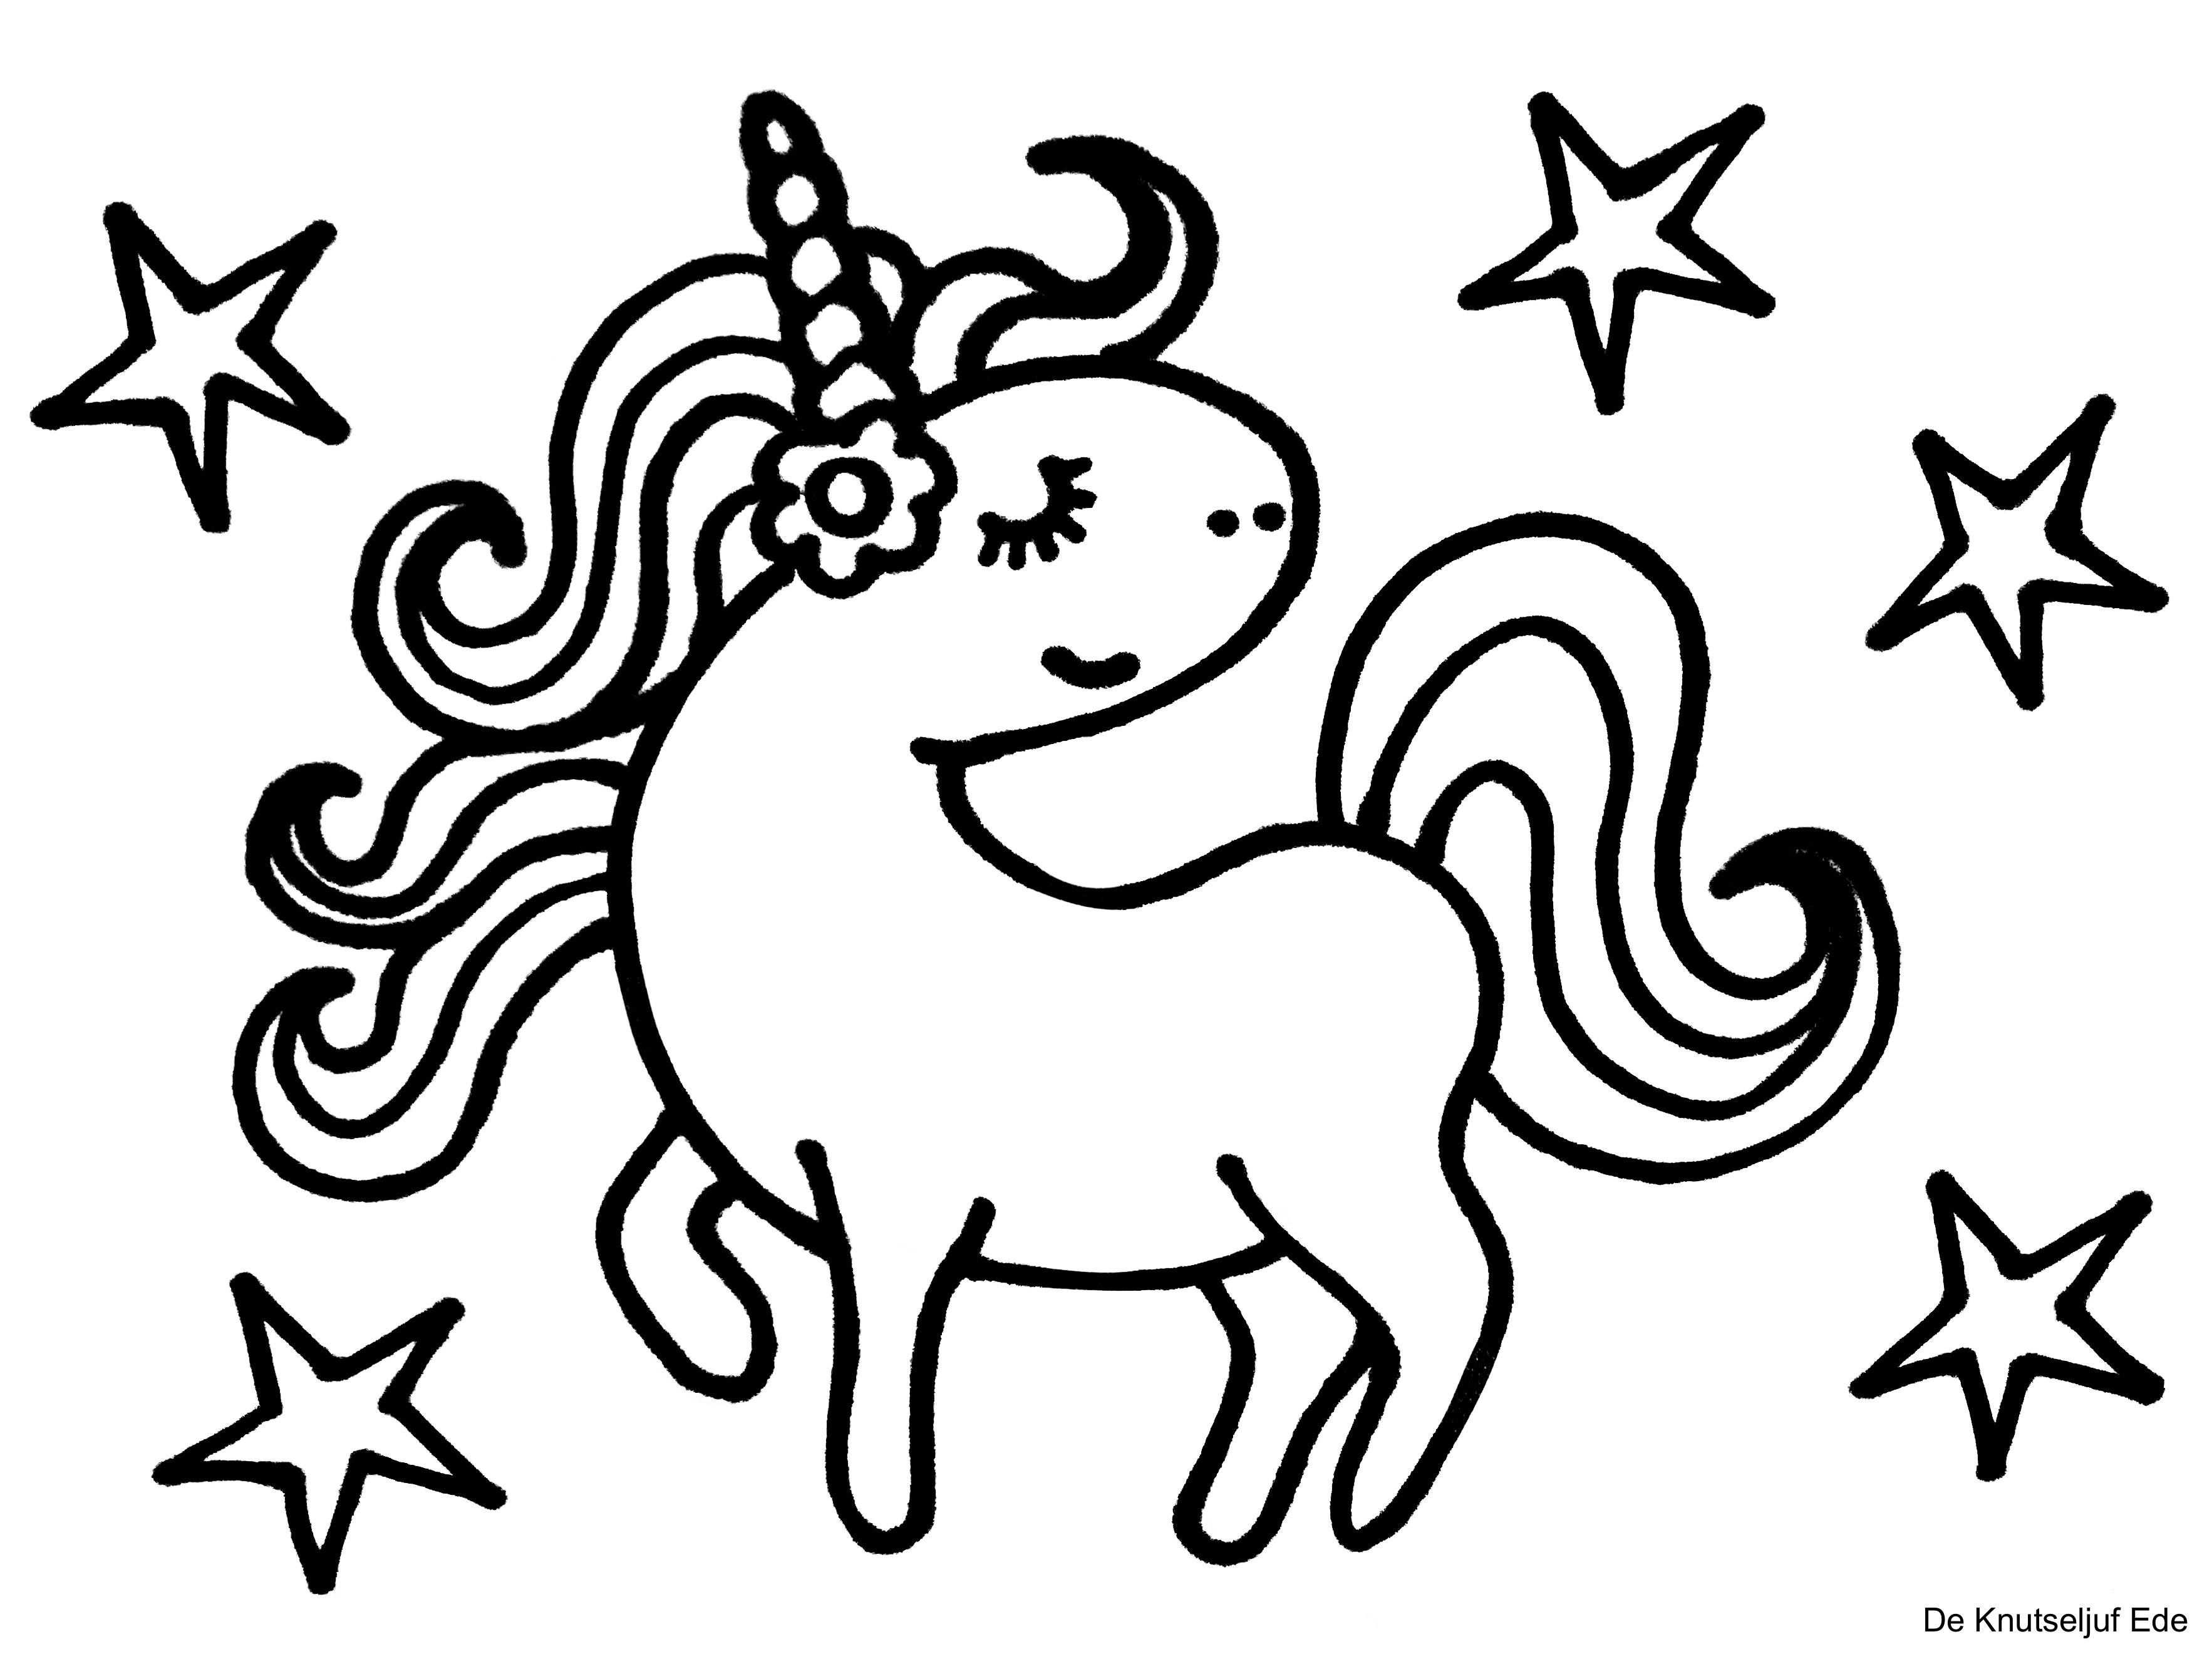 Kleurplaten Eenhoorns Unicorns Met Afbeeldingen Kleurplaten